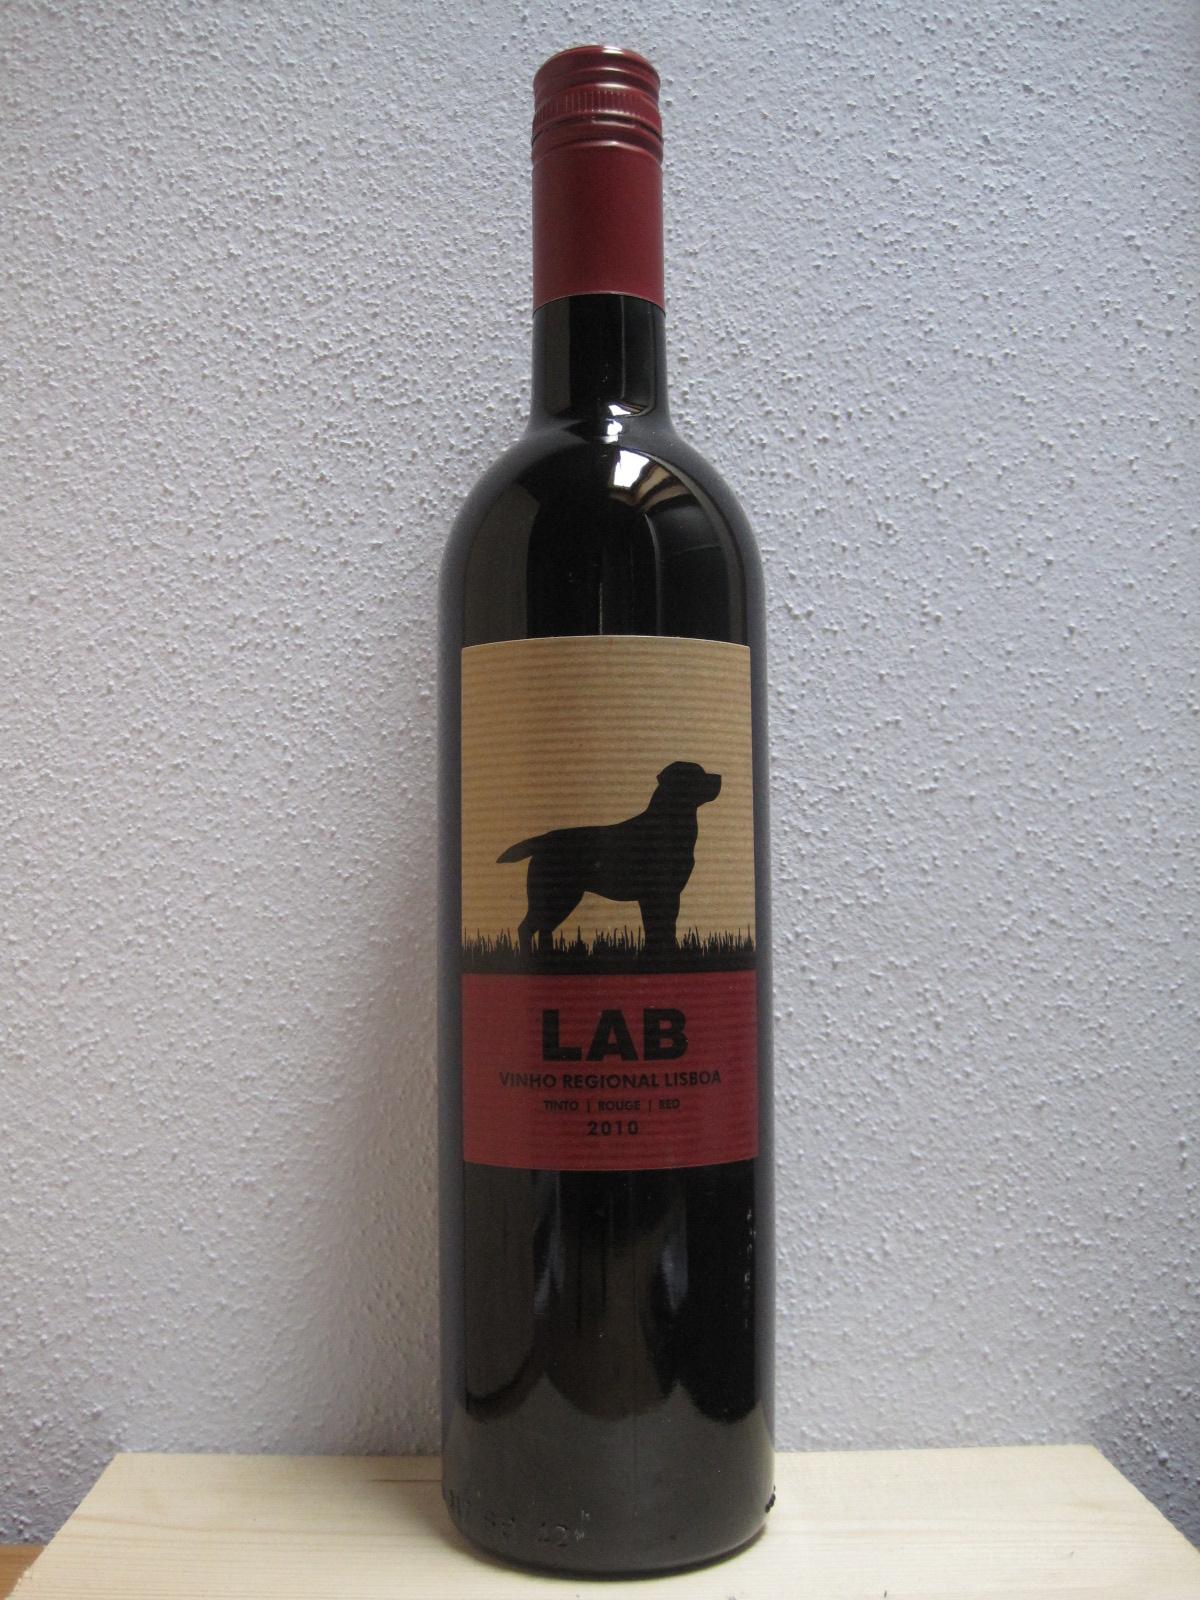 LAB Red, Casa Santos Lima, Portugal, Rossmann Wein im Kurz-Check